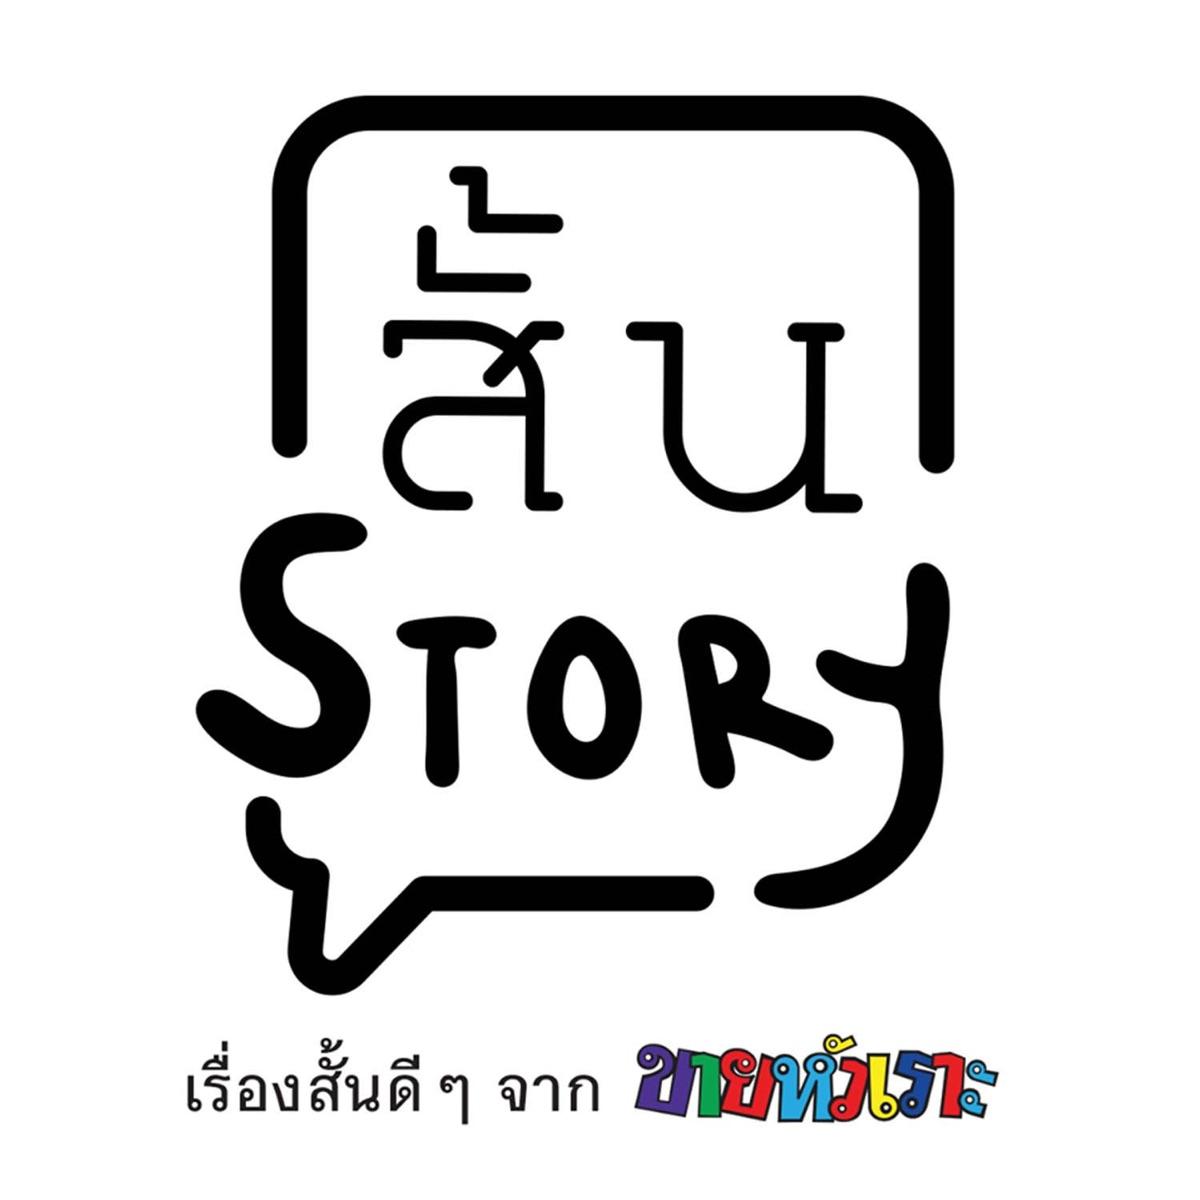 สั้น story